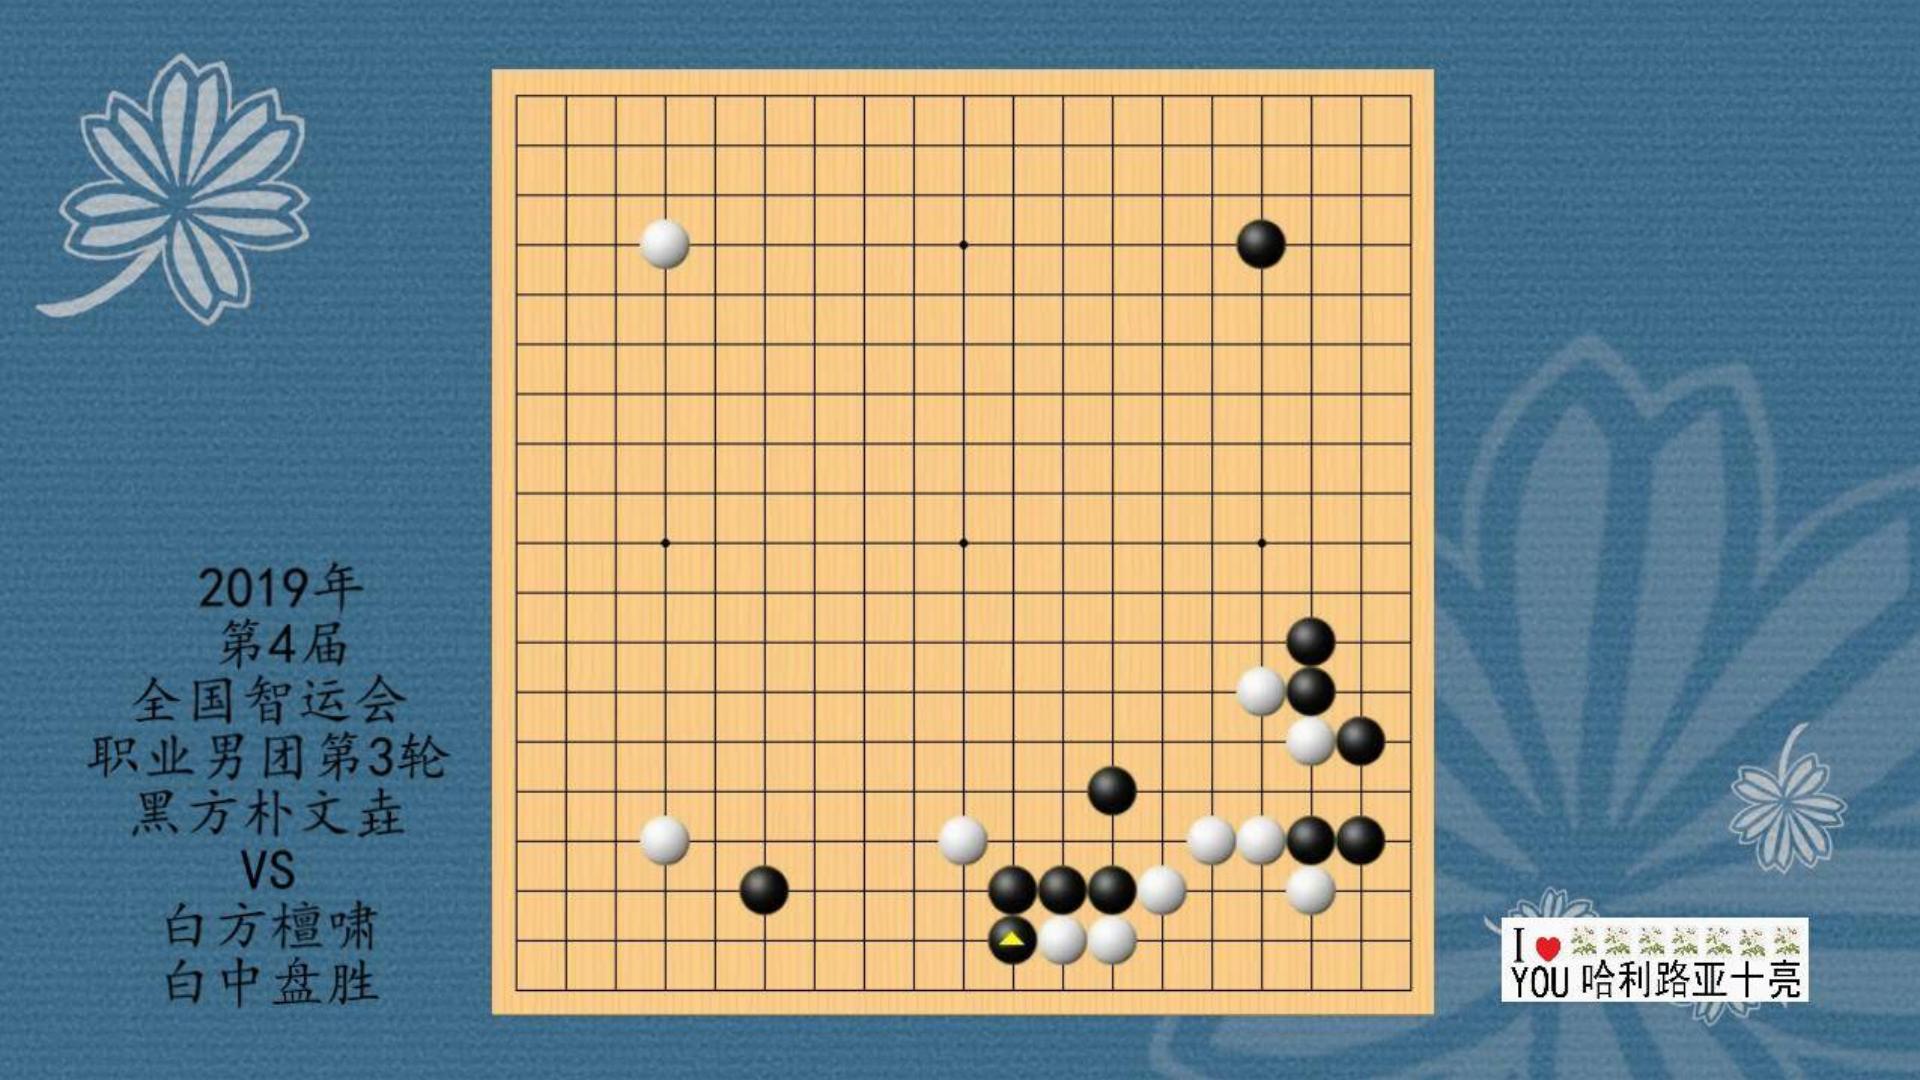 2019年第4届全国智运会围棋职业男团3轮,朴文垚VS檀啸,白中盘胜